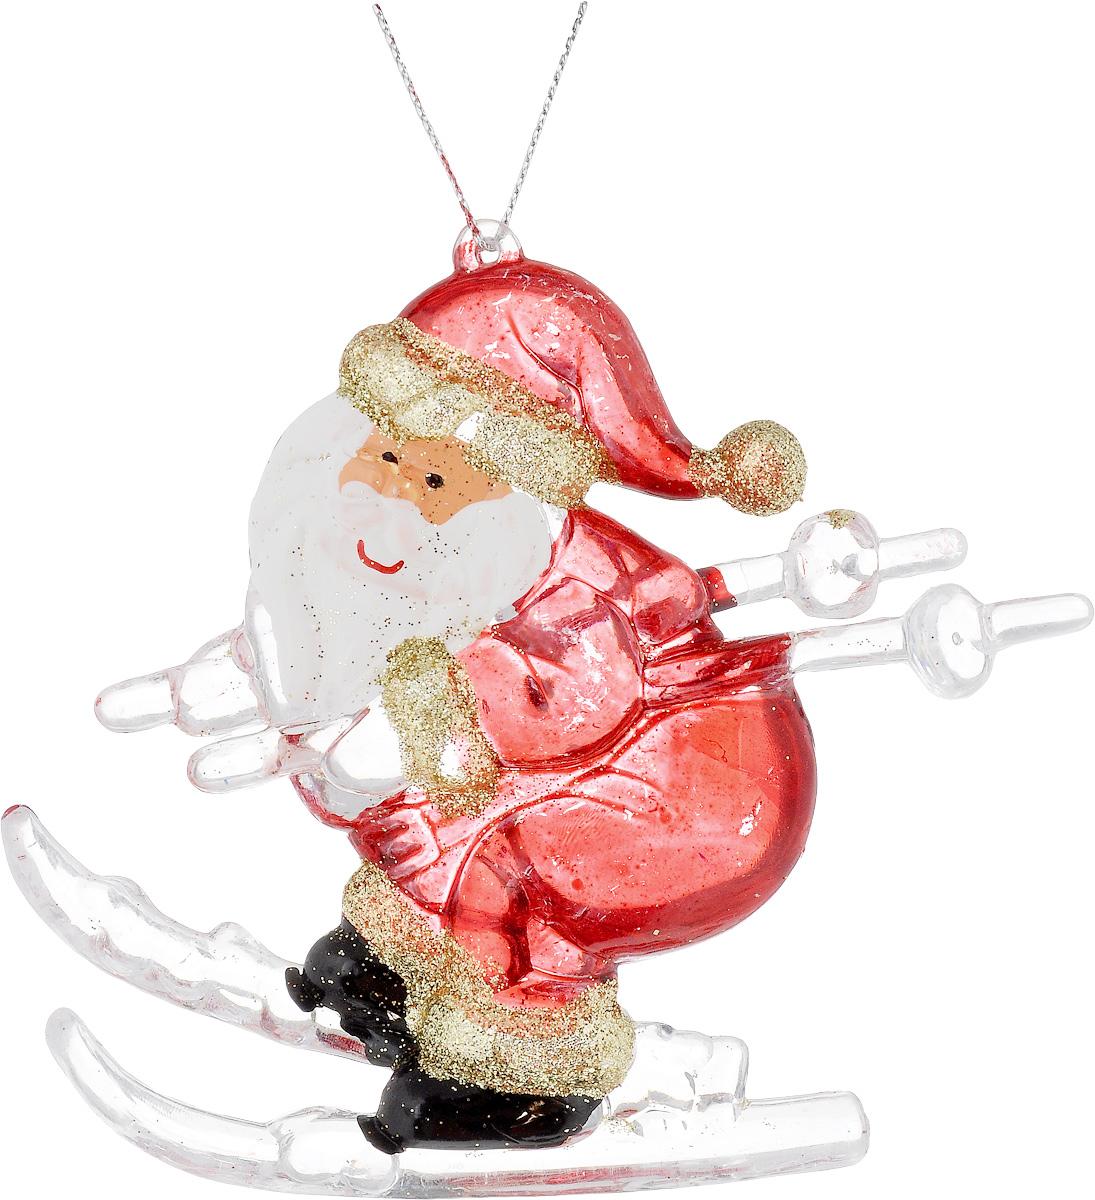 Украшение новогоднее подвесное House & Holder Дед Мороз, высота 9 смDP-C30-14146Новогоднее подвесное украшение House & Holder Дед Мороз выполнено из пластмассы. С помощью специальной петельки украшение можно повесить в любом понравившемся вам месте. Но, конечно, удачнее всего оно будет смотреться на праздничной елке. Елочная игрушка - символ Нового года. Она несет в себе волшебство и красоту праздника. Создайте в своем доме атмосферу веселья и радости, украшая новогоднюю елку нарядными игрушками, которые будут из года в год накапливать теплоту воспоминаний. Размер: 10 х 1 х 9 см.